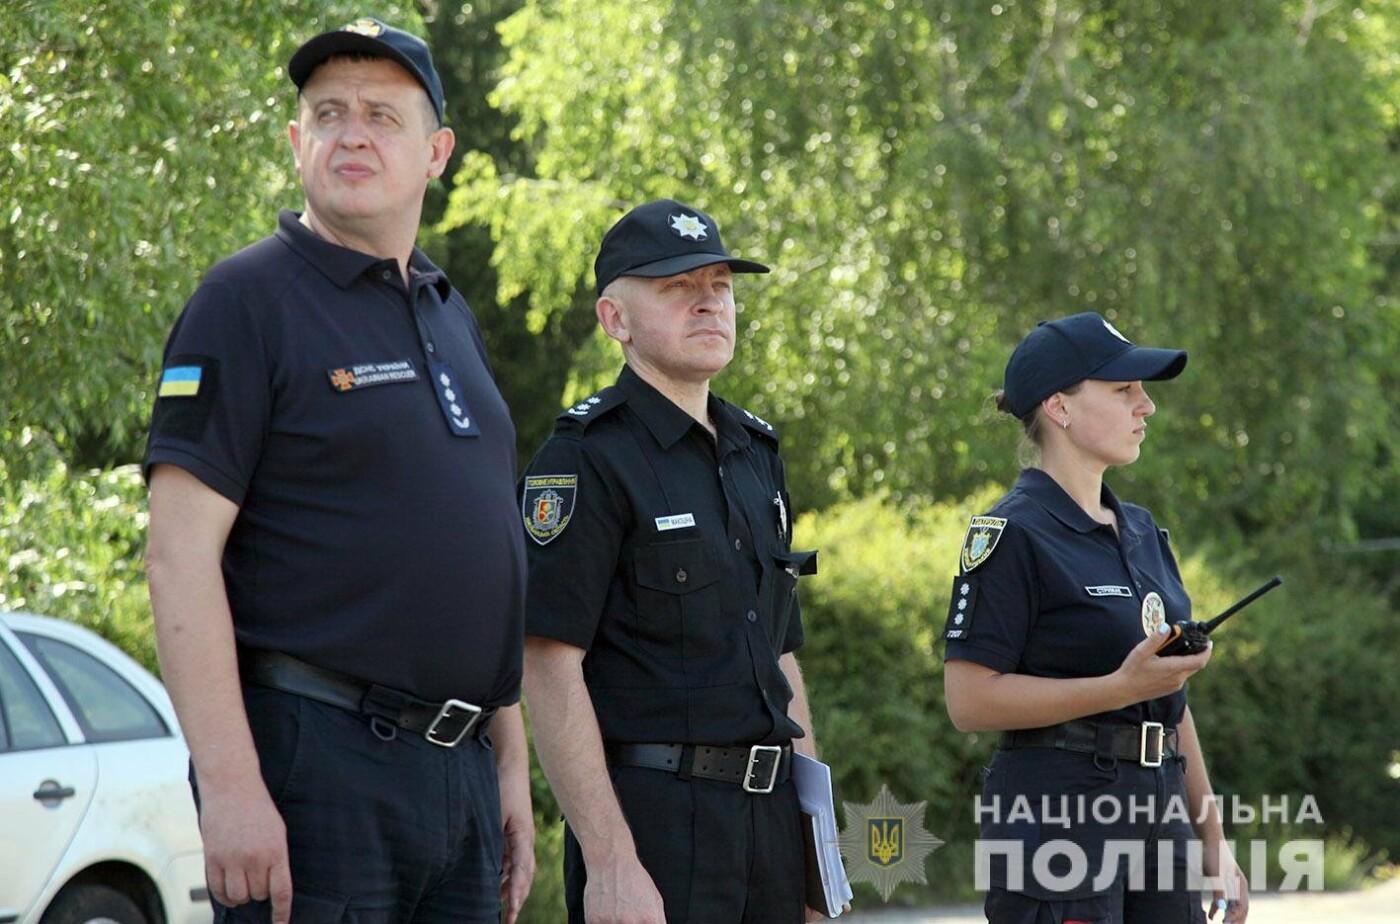 У Хмельницькому правоохоронці продовжують підготовку до забезпечення публічної безпеки і порядку під час виборів , фото-7